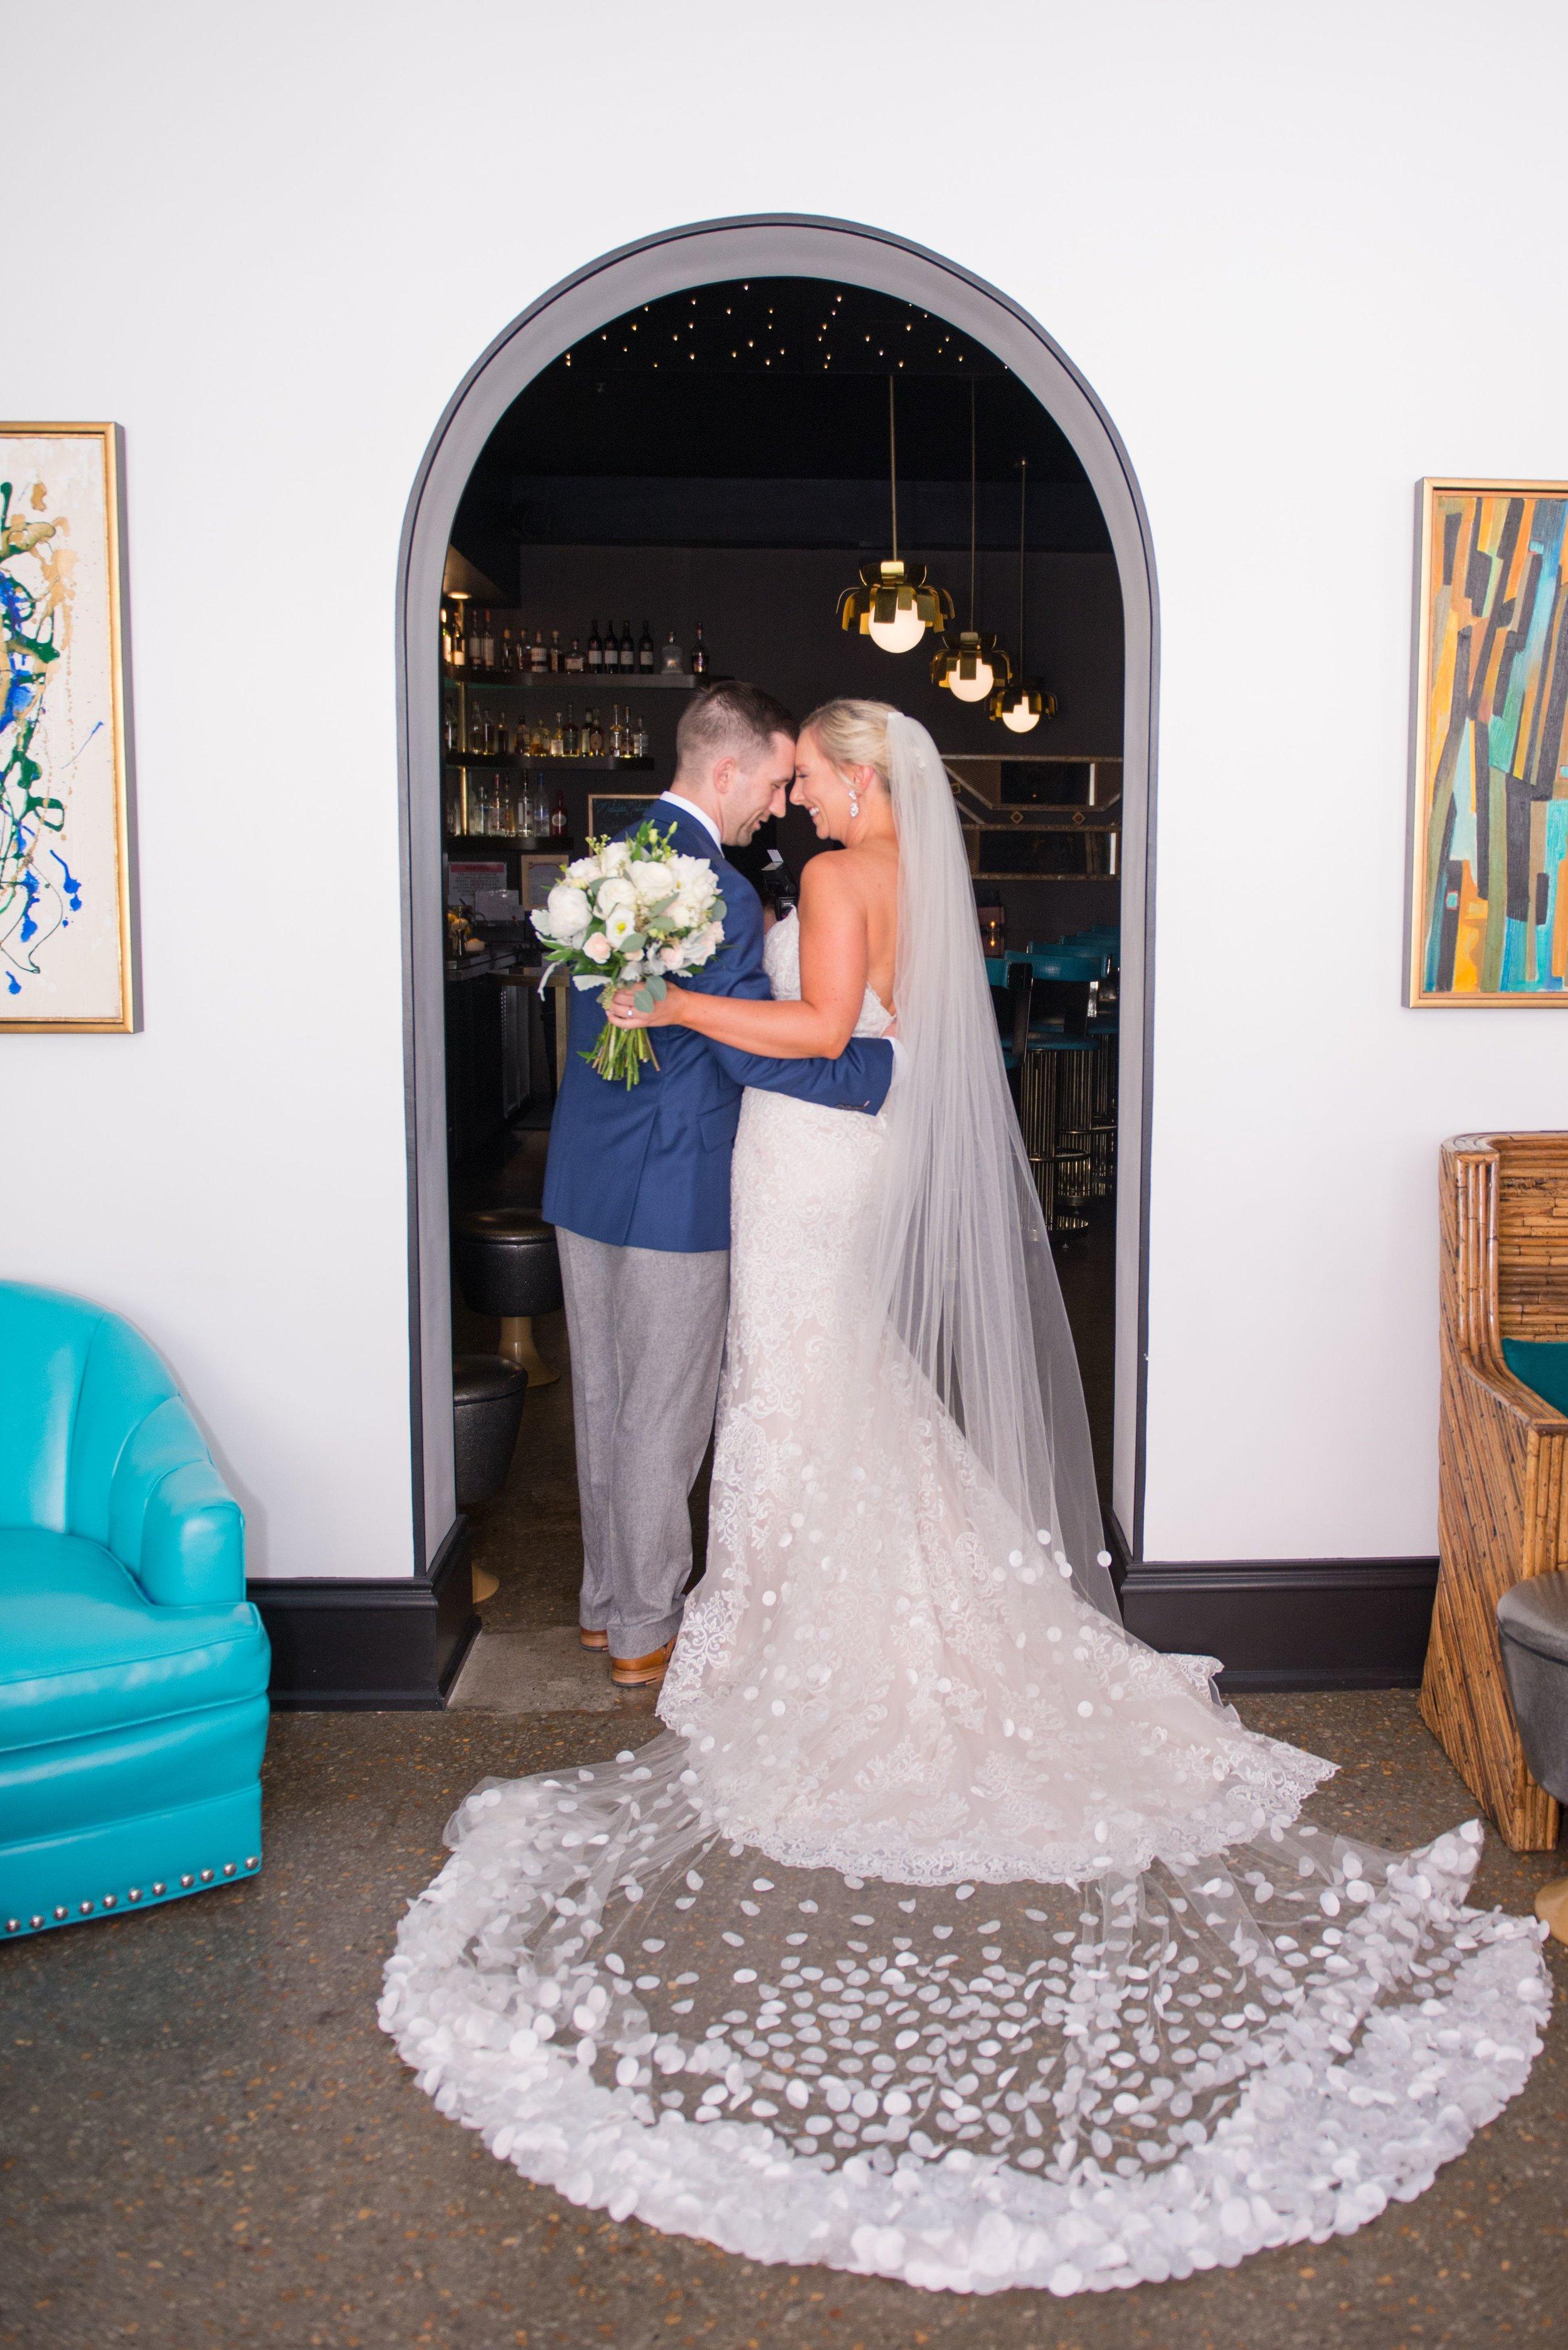 00008_Stover-WeddingSp-38.jpg